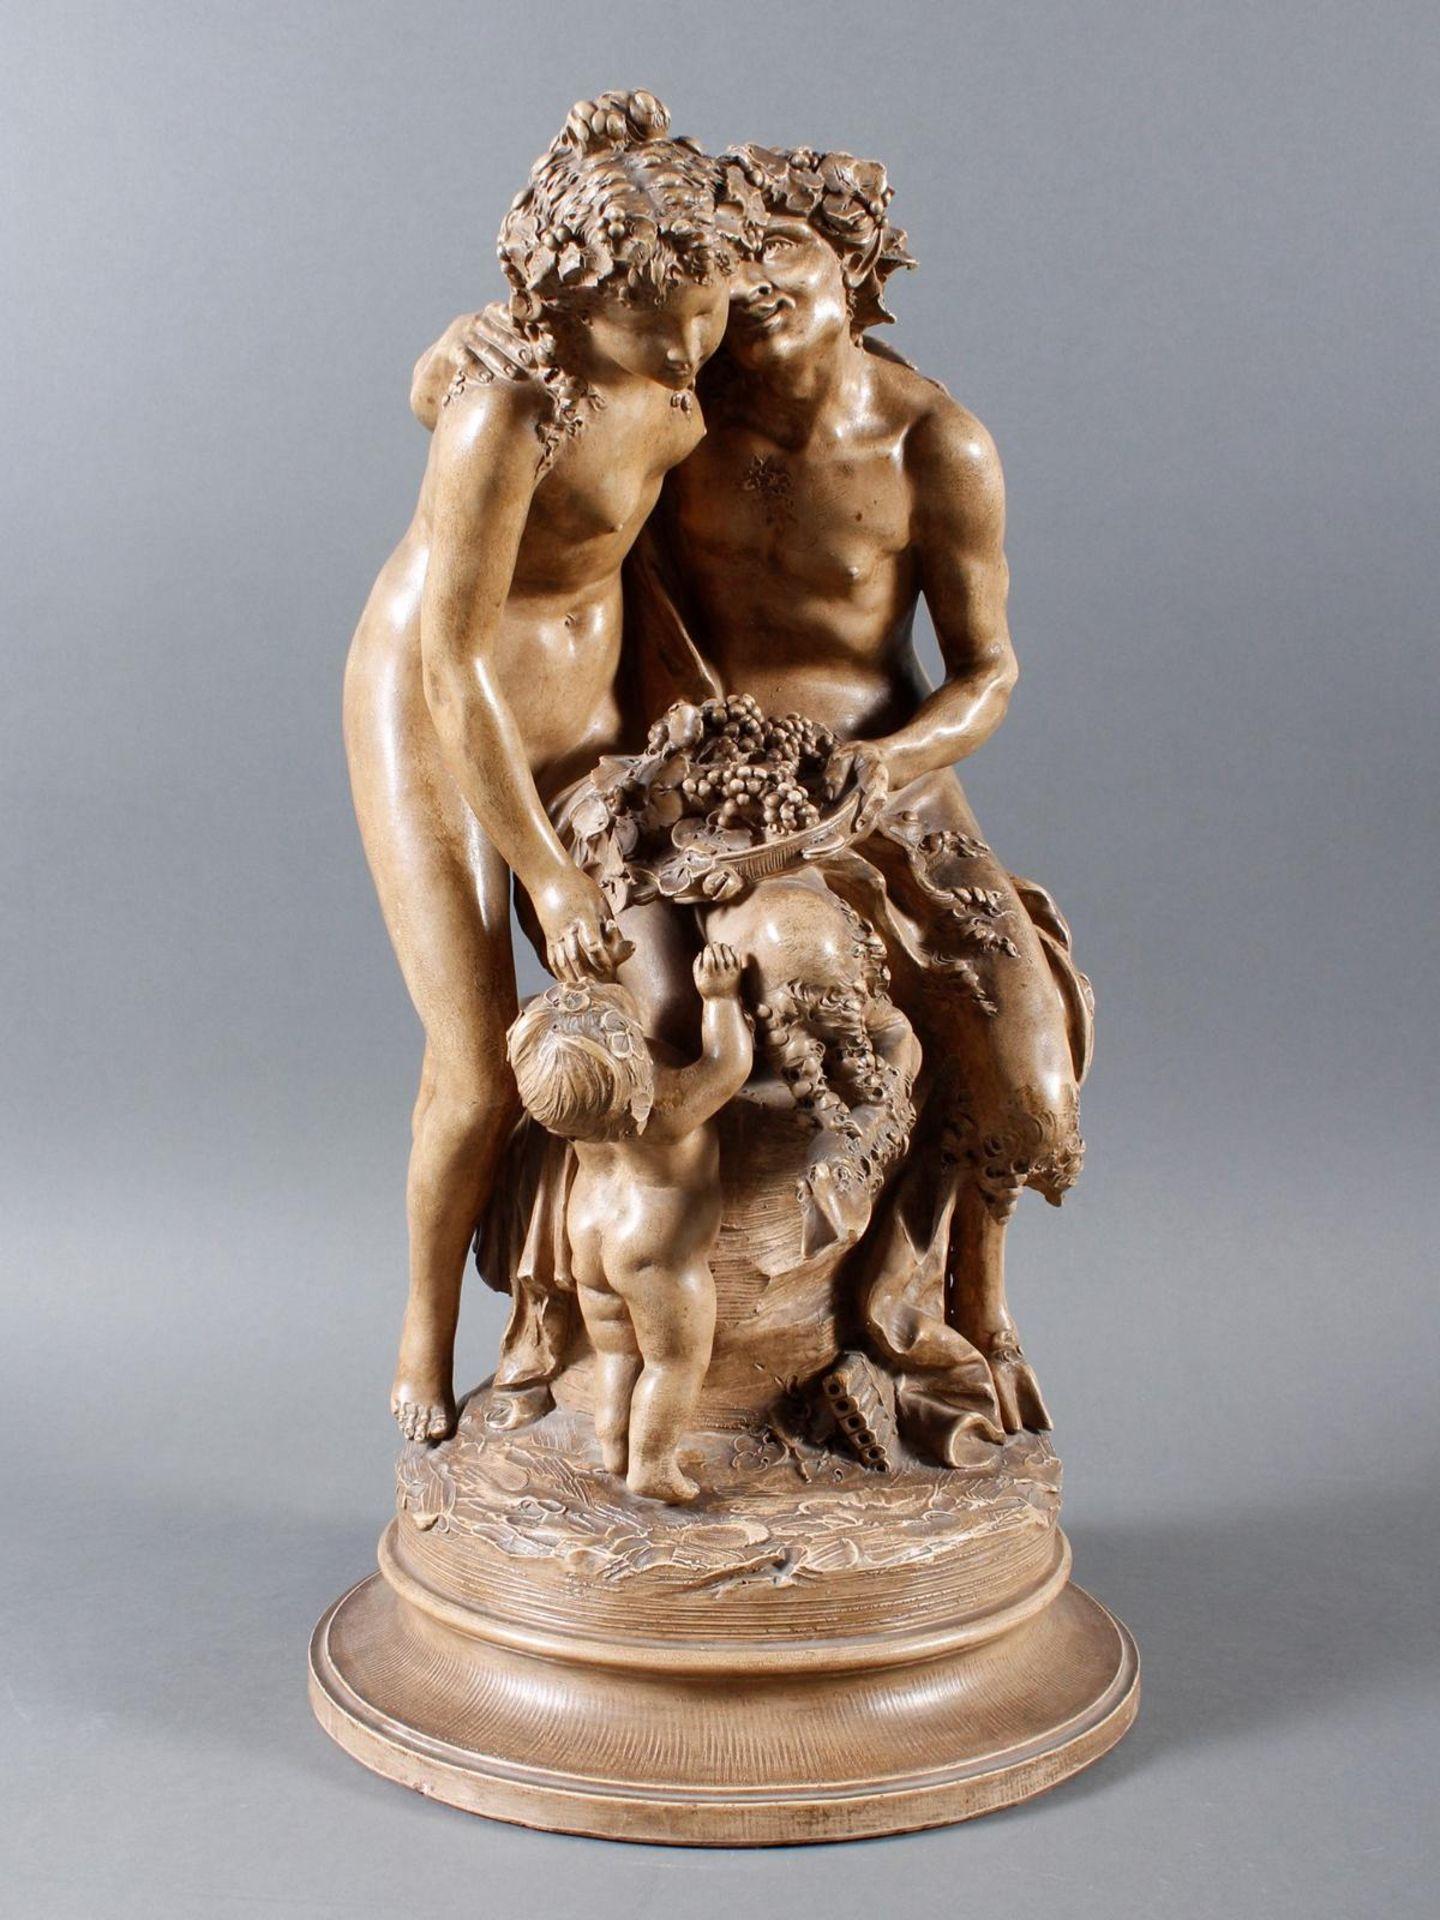 Terakottafigur, Clodion, Claude-Michel (1738-1814), 19. Jahrhundert